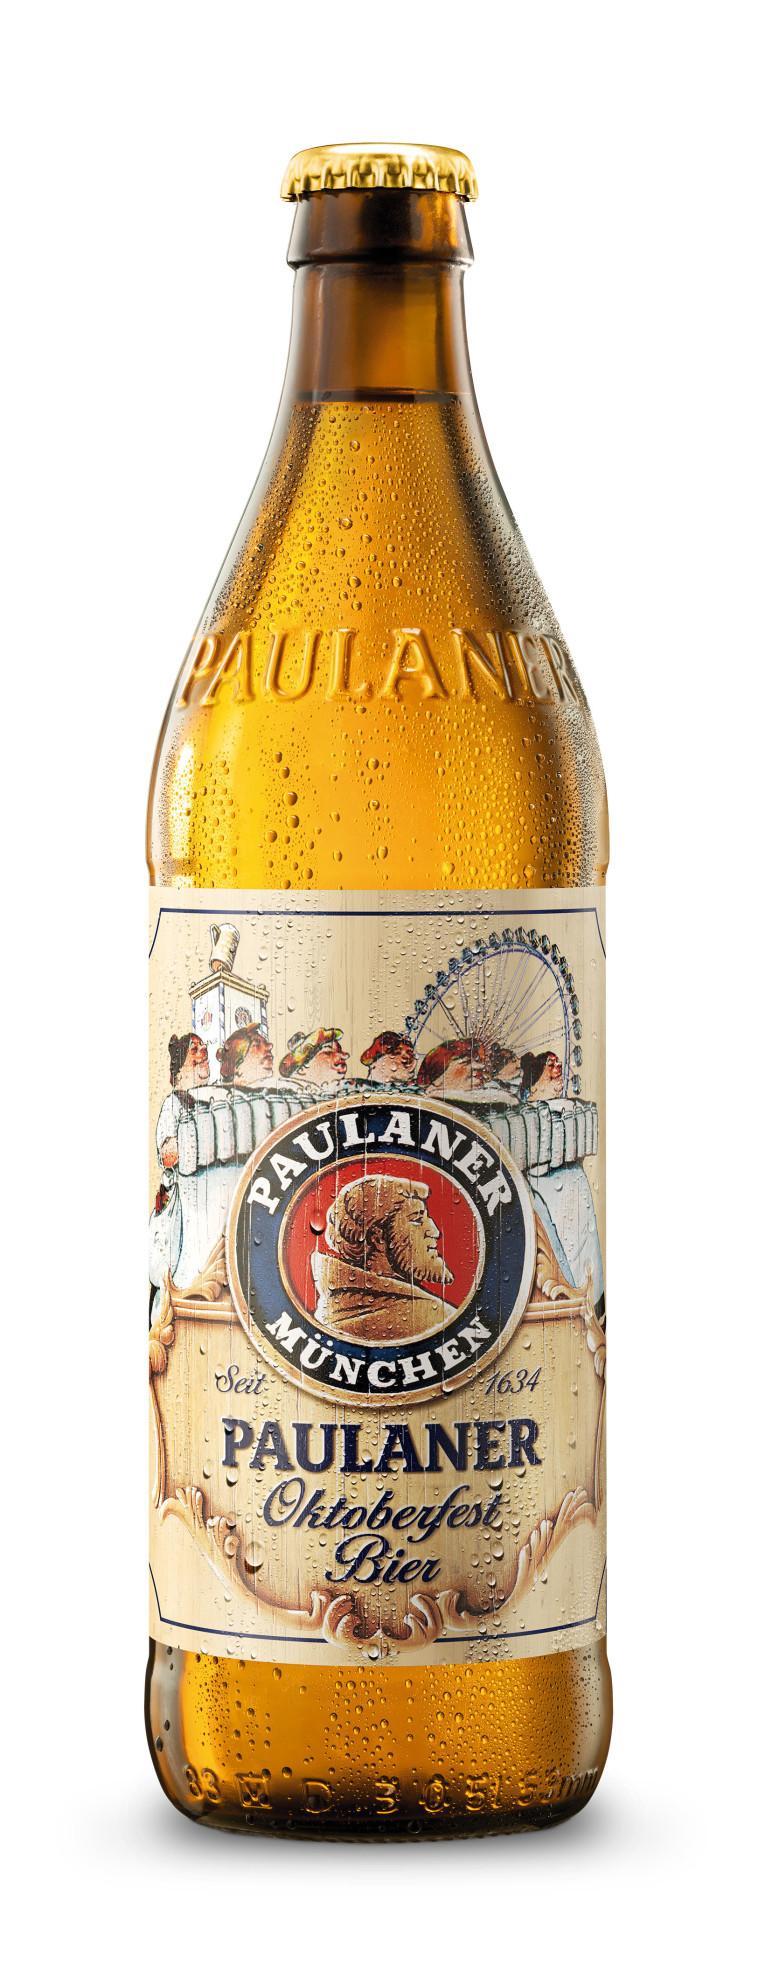 בירה פאולנר אוקטוברפסט  (צילום: יח''צ חו''ל)